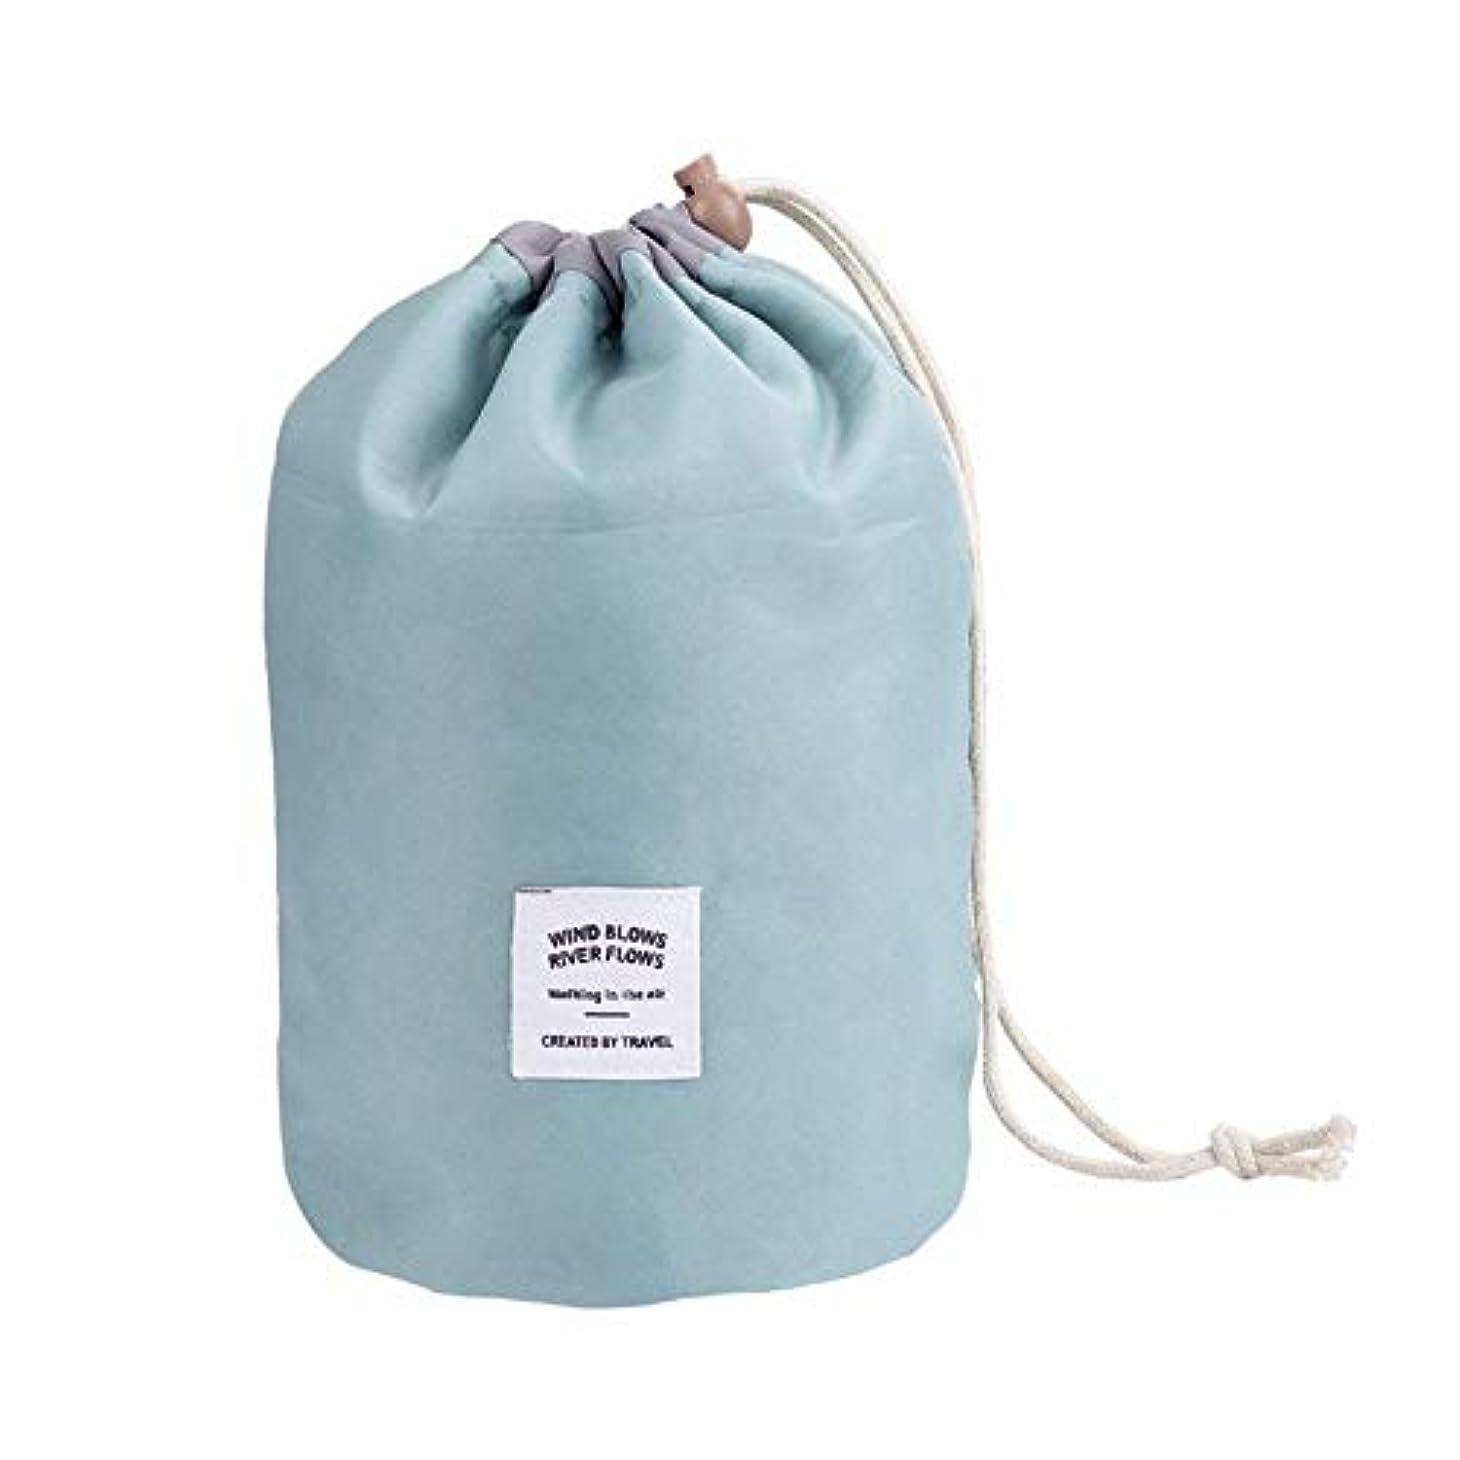 換気相反するサーキットに行く化粧オーガナイザーバッグ ポータブル防水旅行コスメティックバッグトラベルセットストレージバッグバスルームストレージ巾着化粧品バッグポータブル 化粧品ケース (色 : 緑)